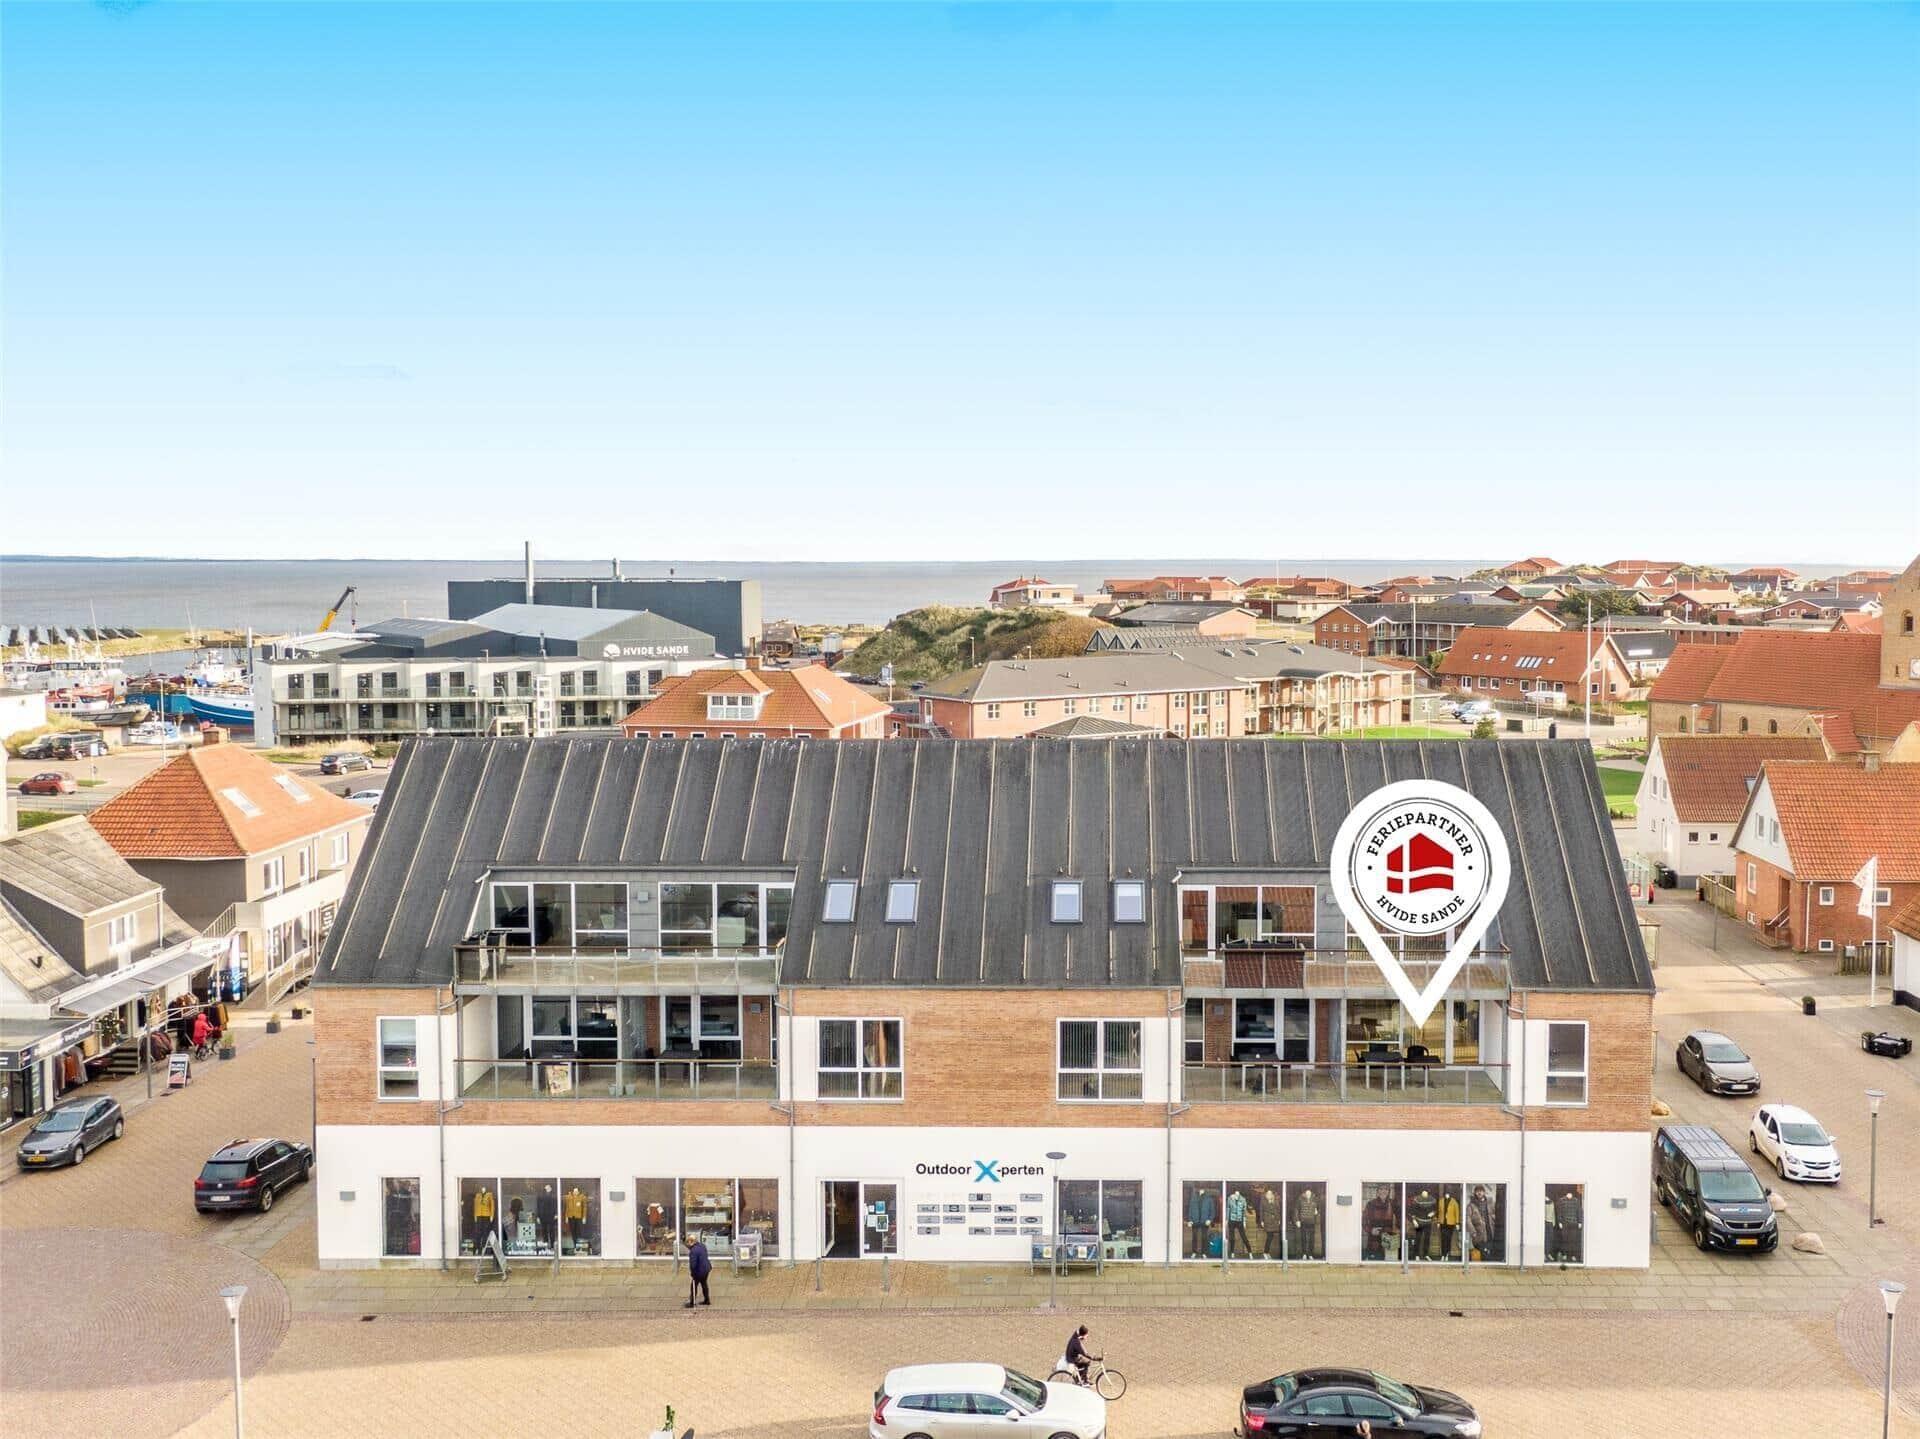 Billede 1-4 Sommerhus 797, Strandgade 6, DK - 6960 Hvide Sande